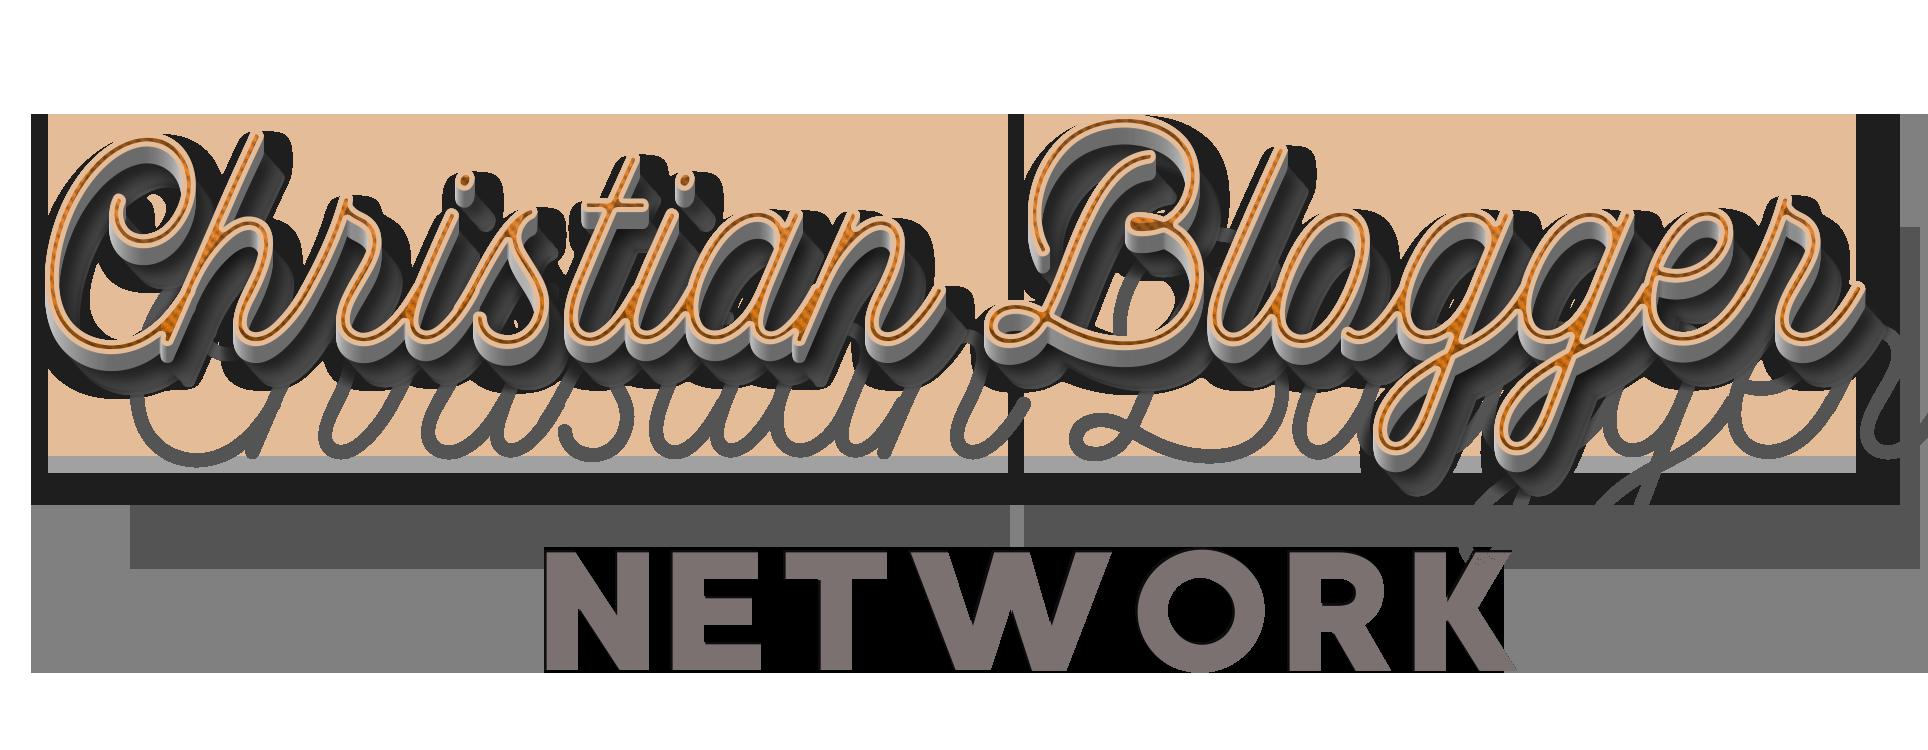 Christian Blogger Network